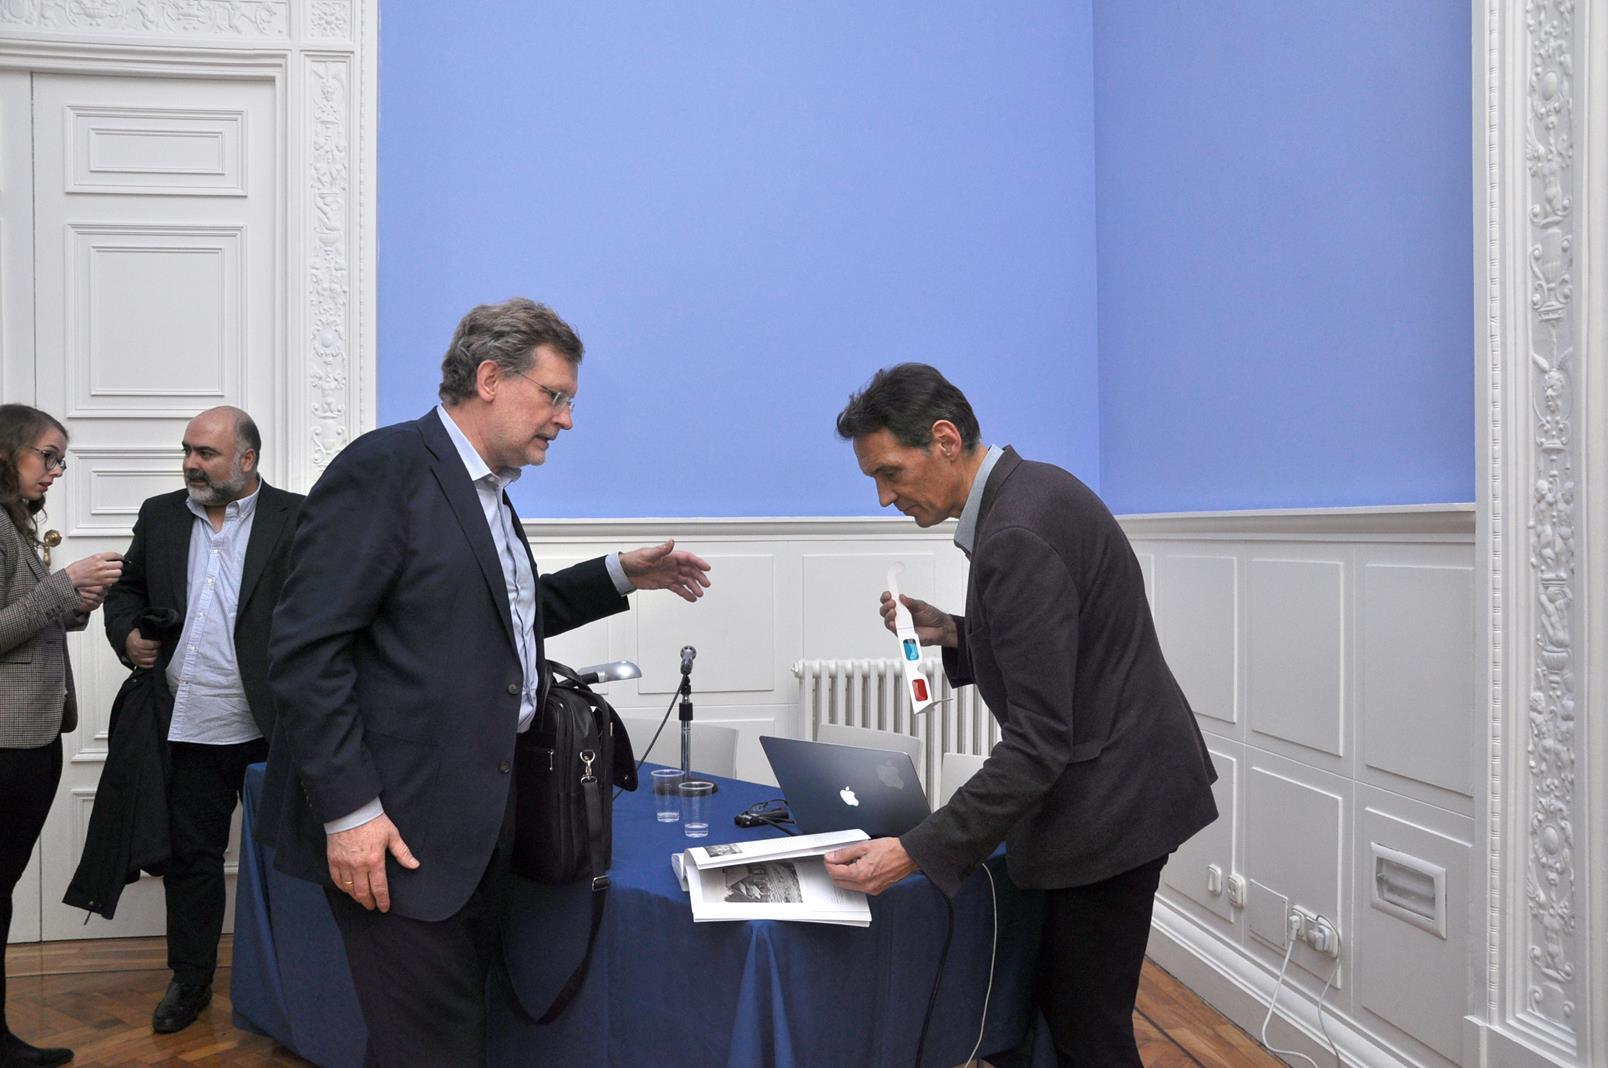 Dainius Junevicius y Denis Pellerin, departiendo. 23/10/19